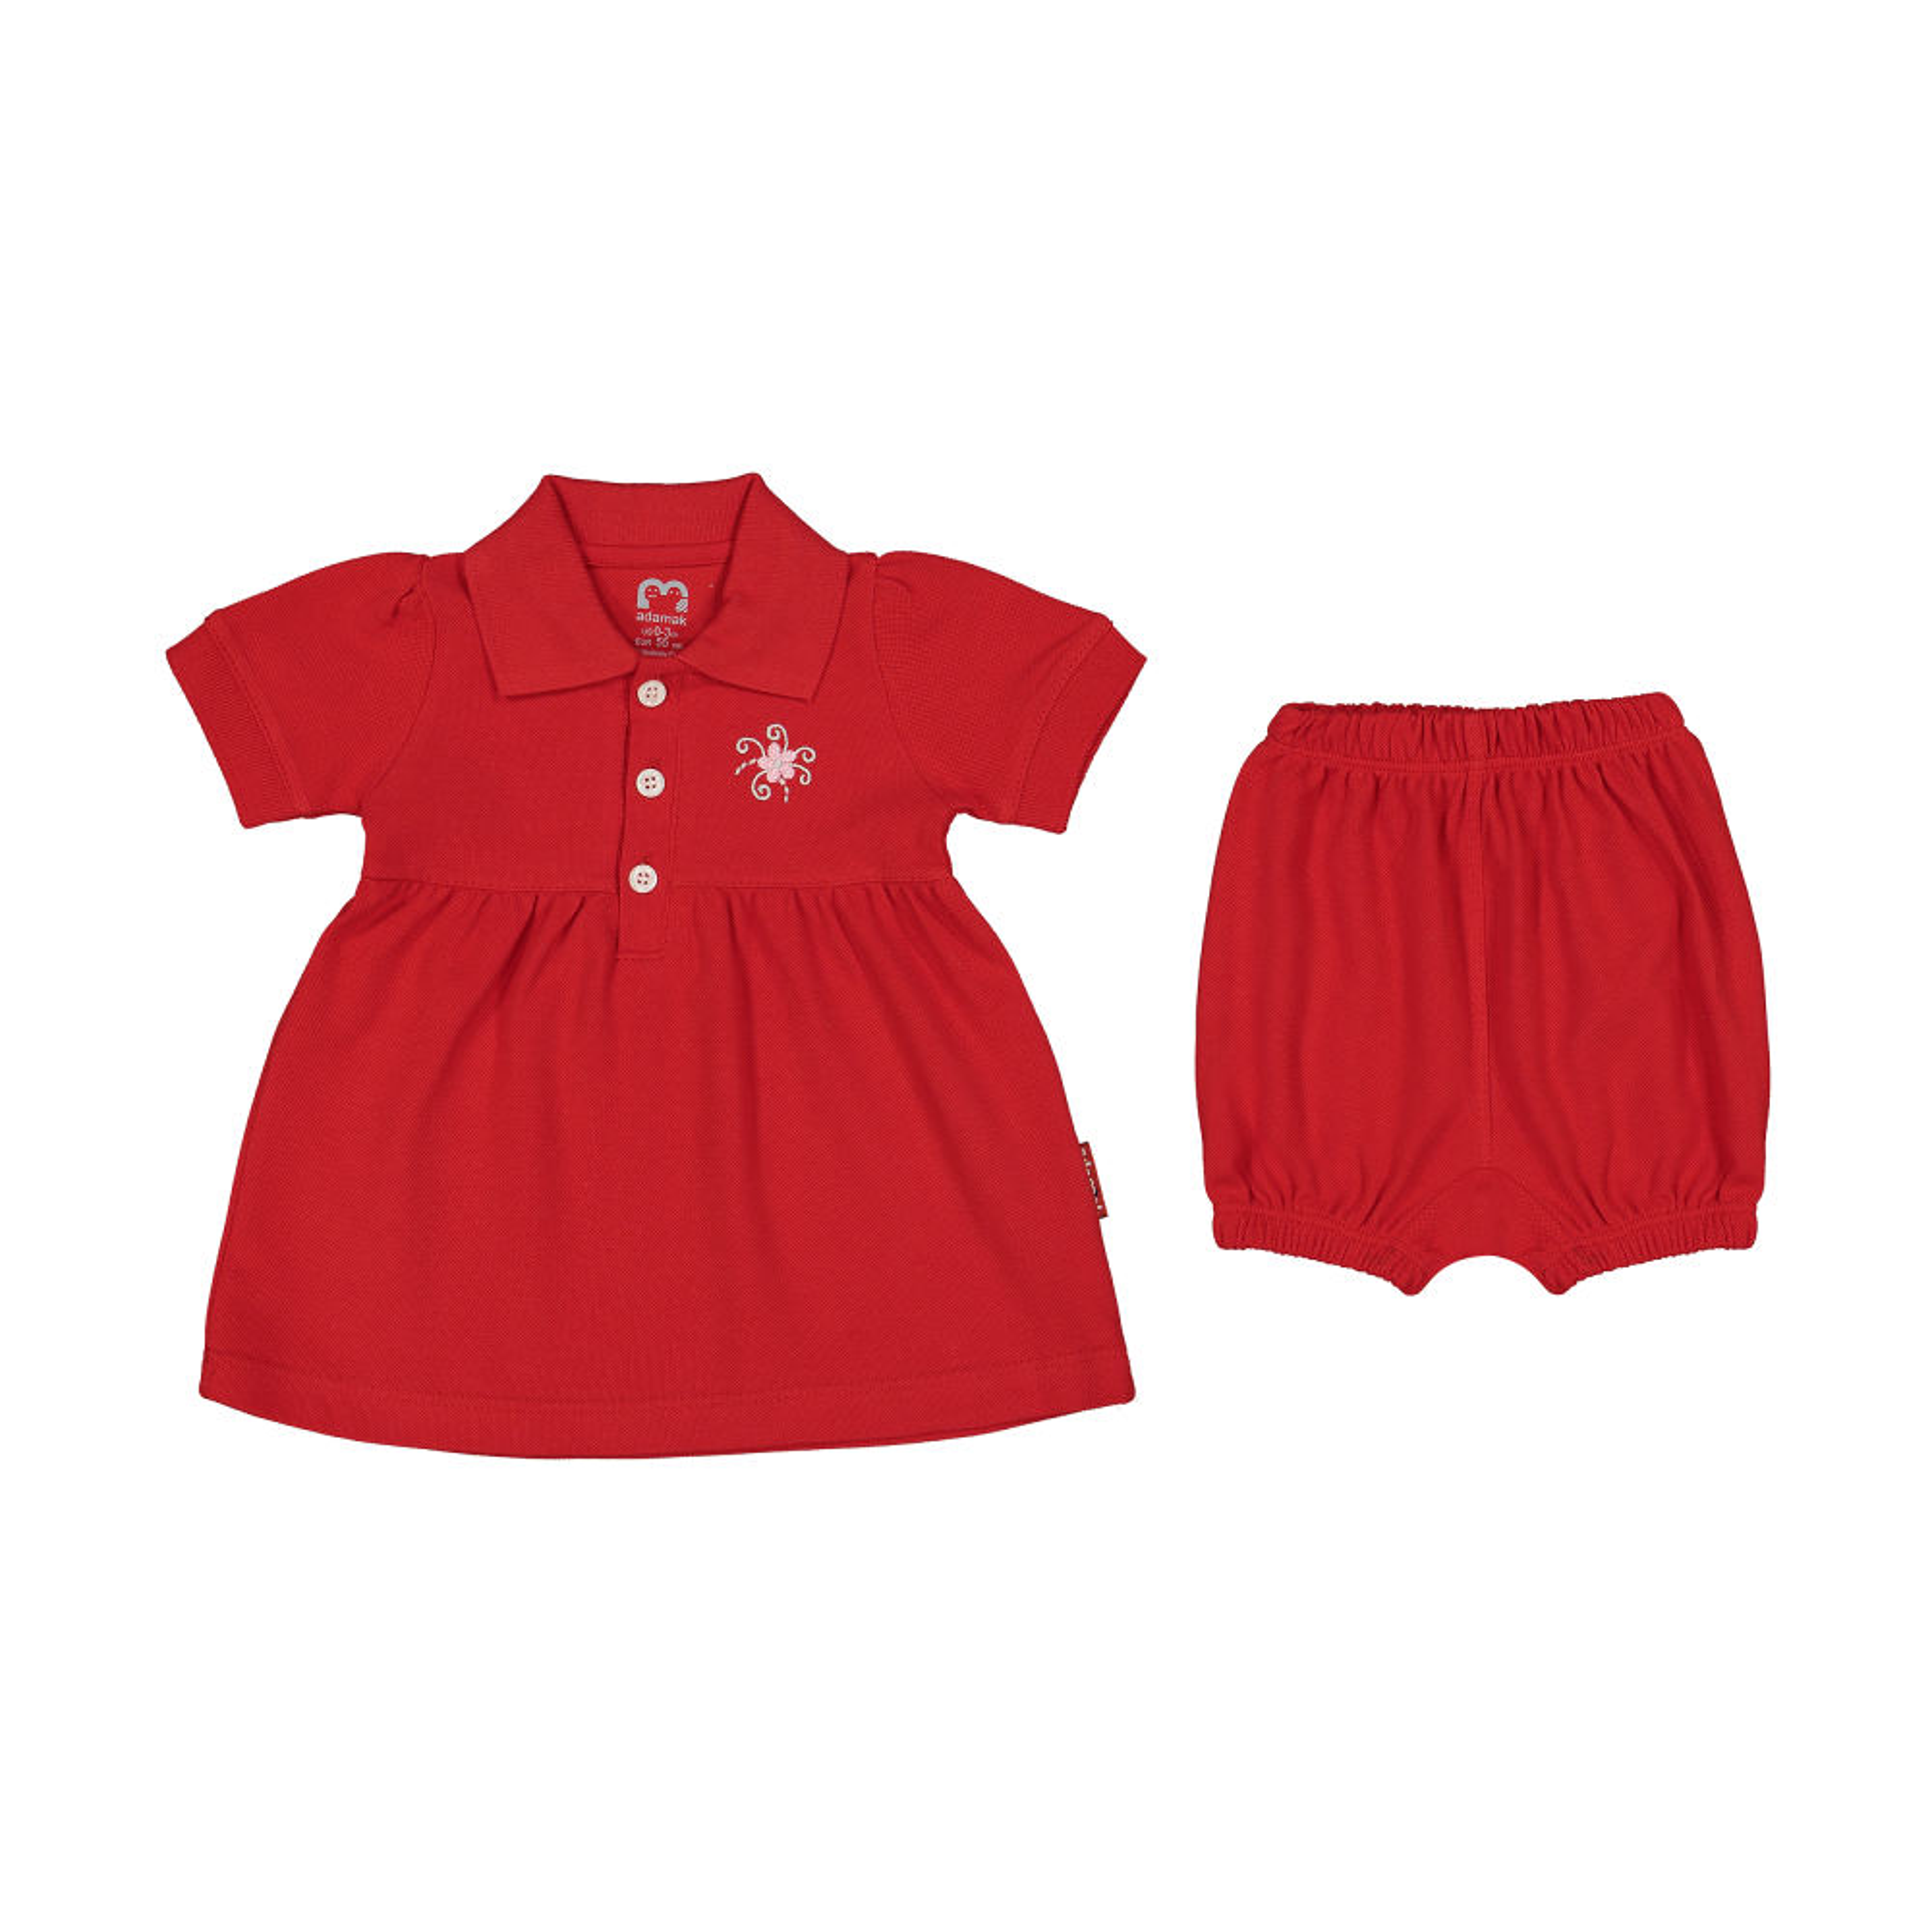 ست پیراهن و شلوارک نوزادی دخترانه آدمک مدل 2171109-72